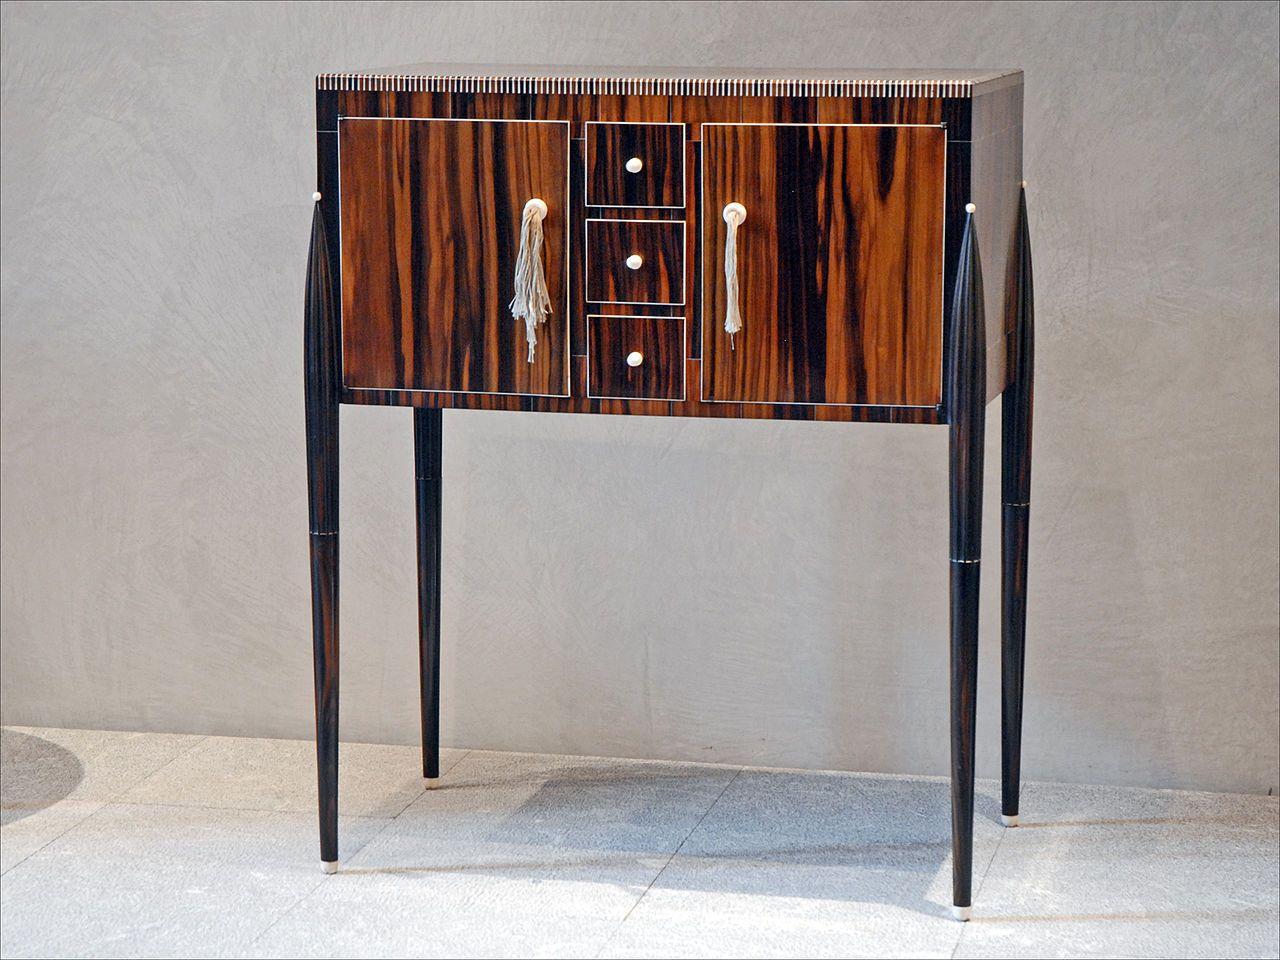 Jacques emile ruhlmann musée des beaux arts de lyon 5469658728